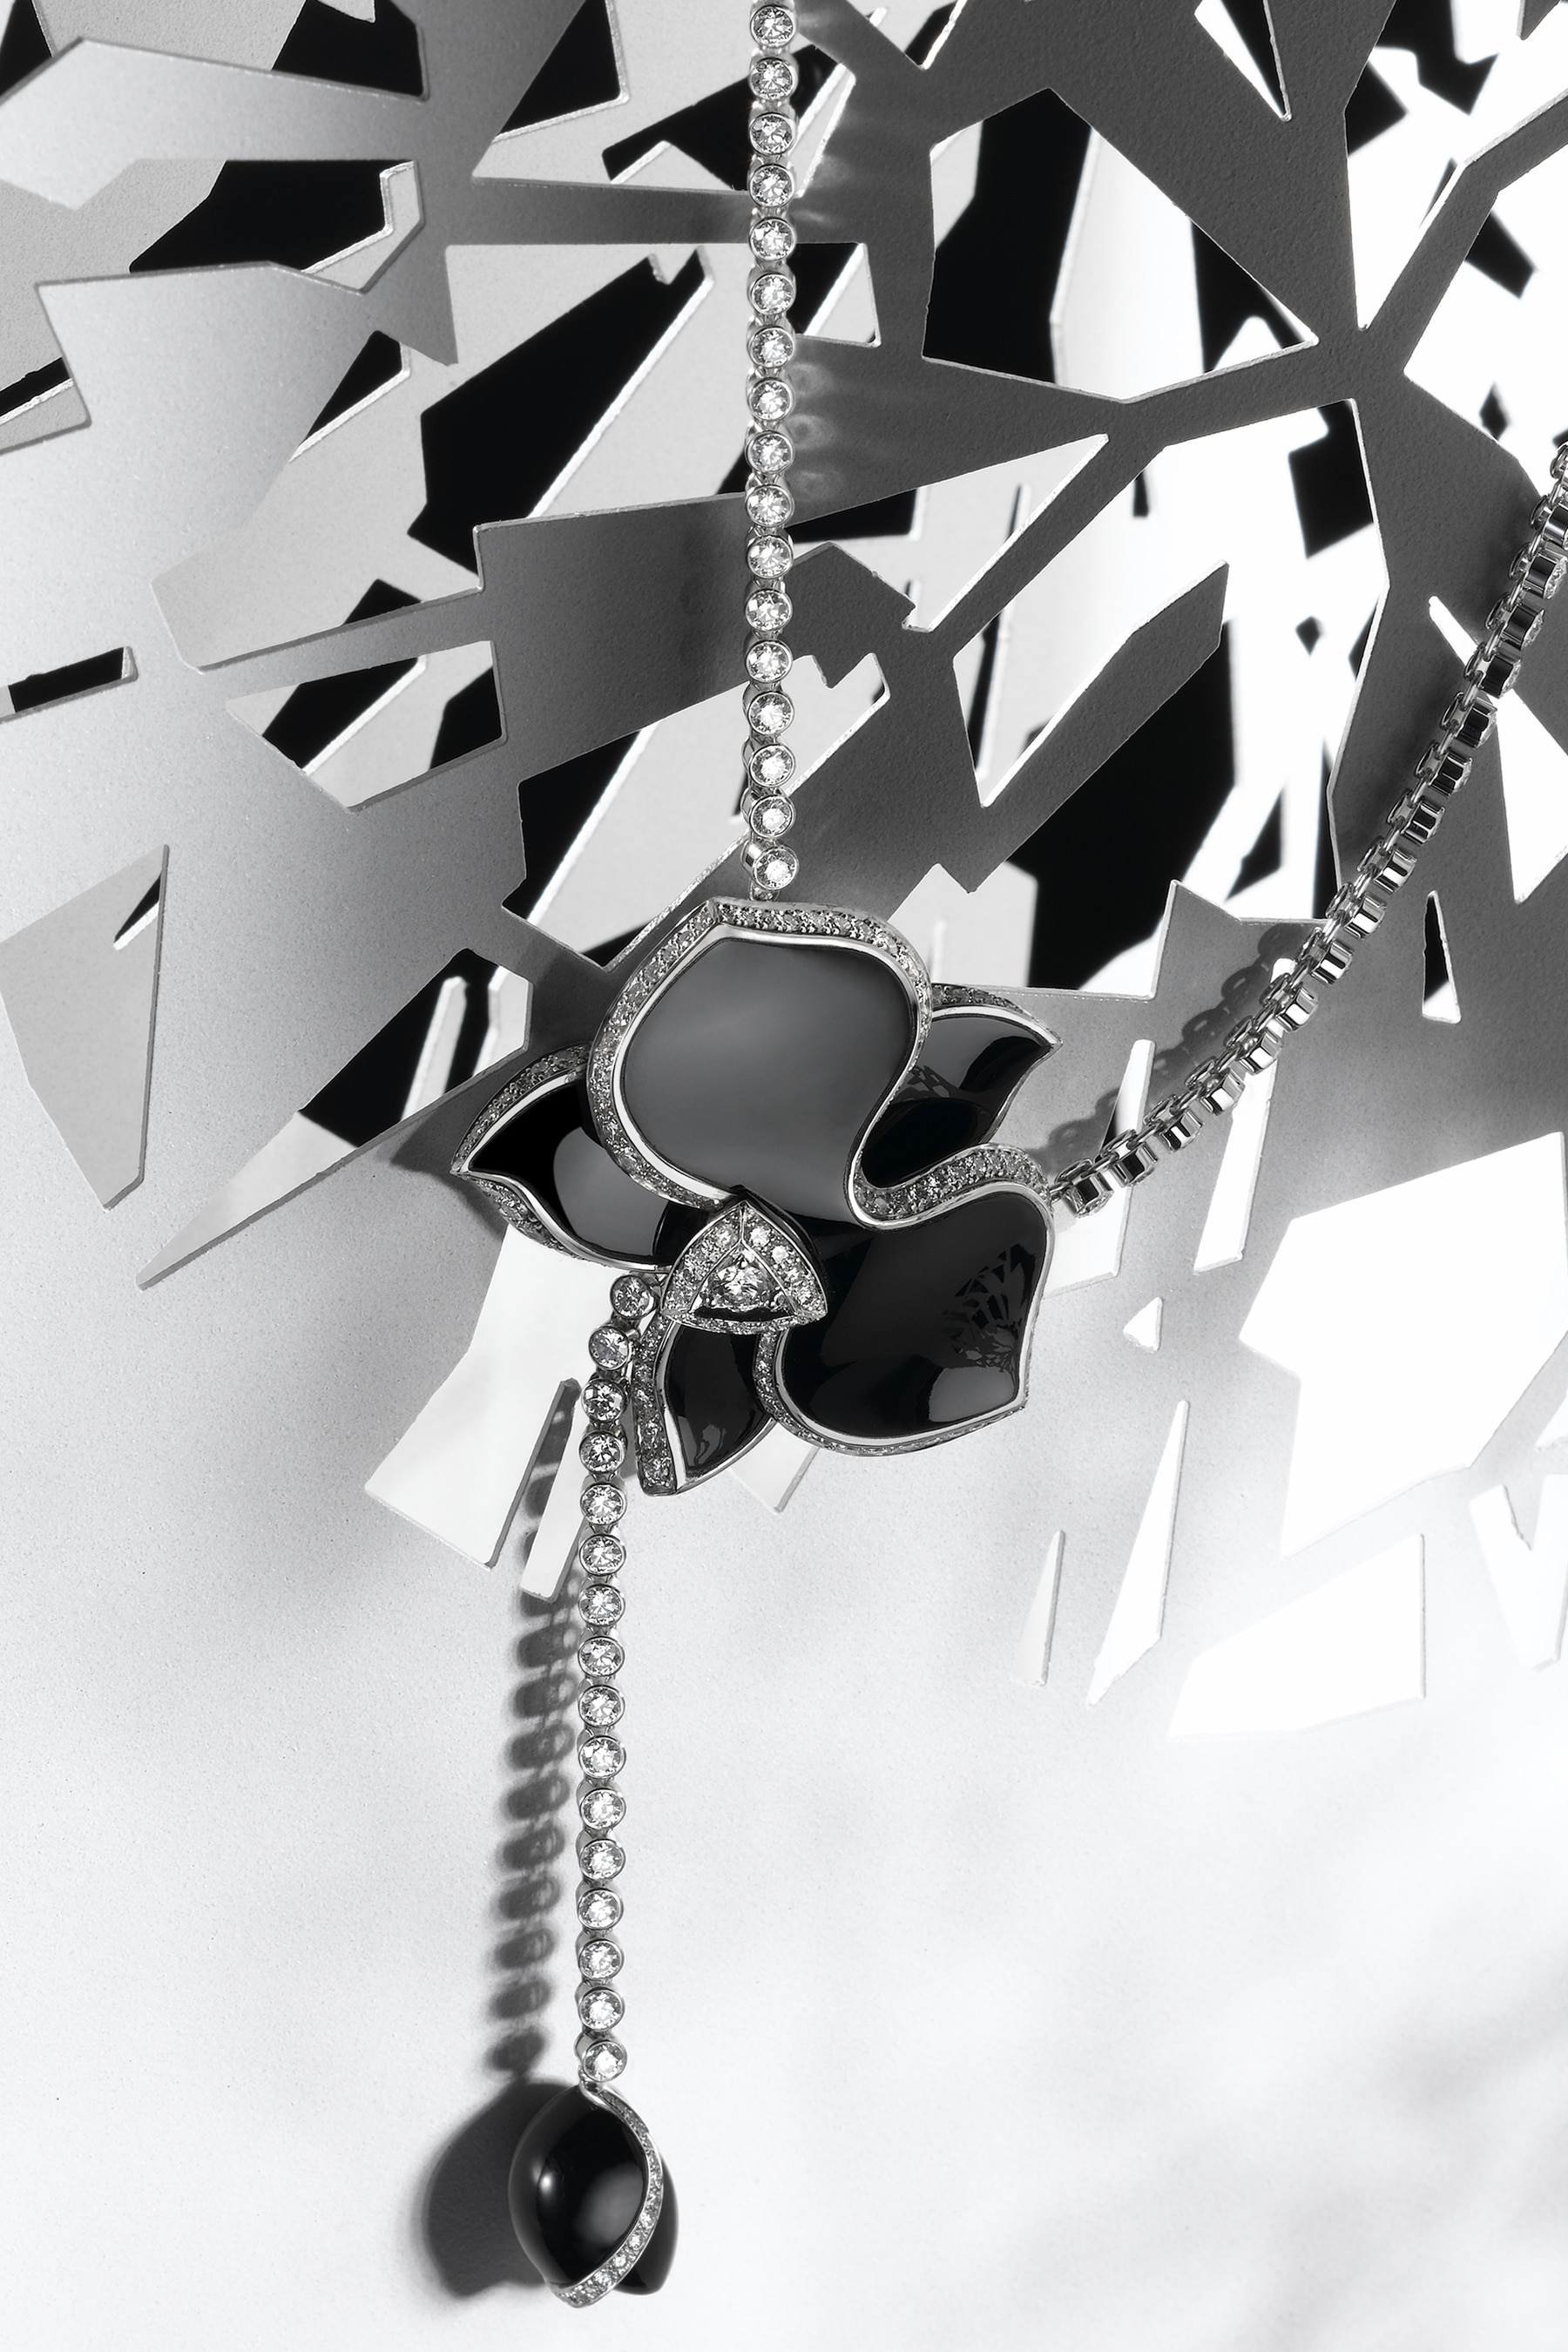 Photographe d'ambiance nature morte - Haute Joaillerie collier Cartier - Digital Chic - © Crédit Photo Katel Riou pour Cartier - Tous droits réservés